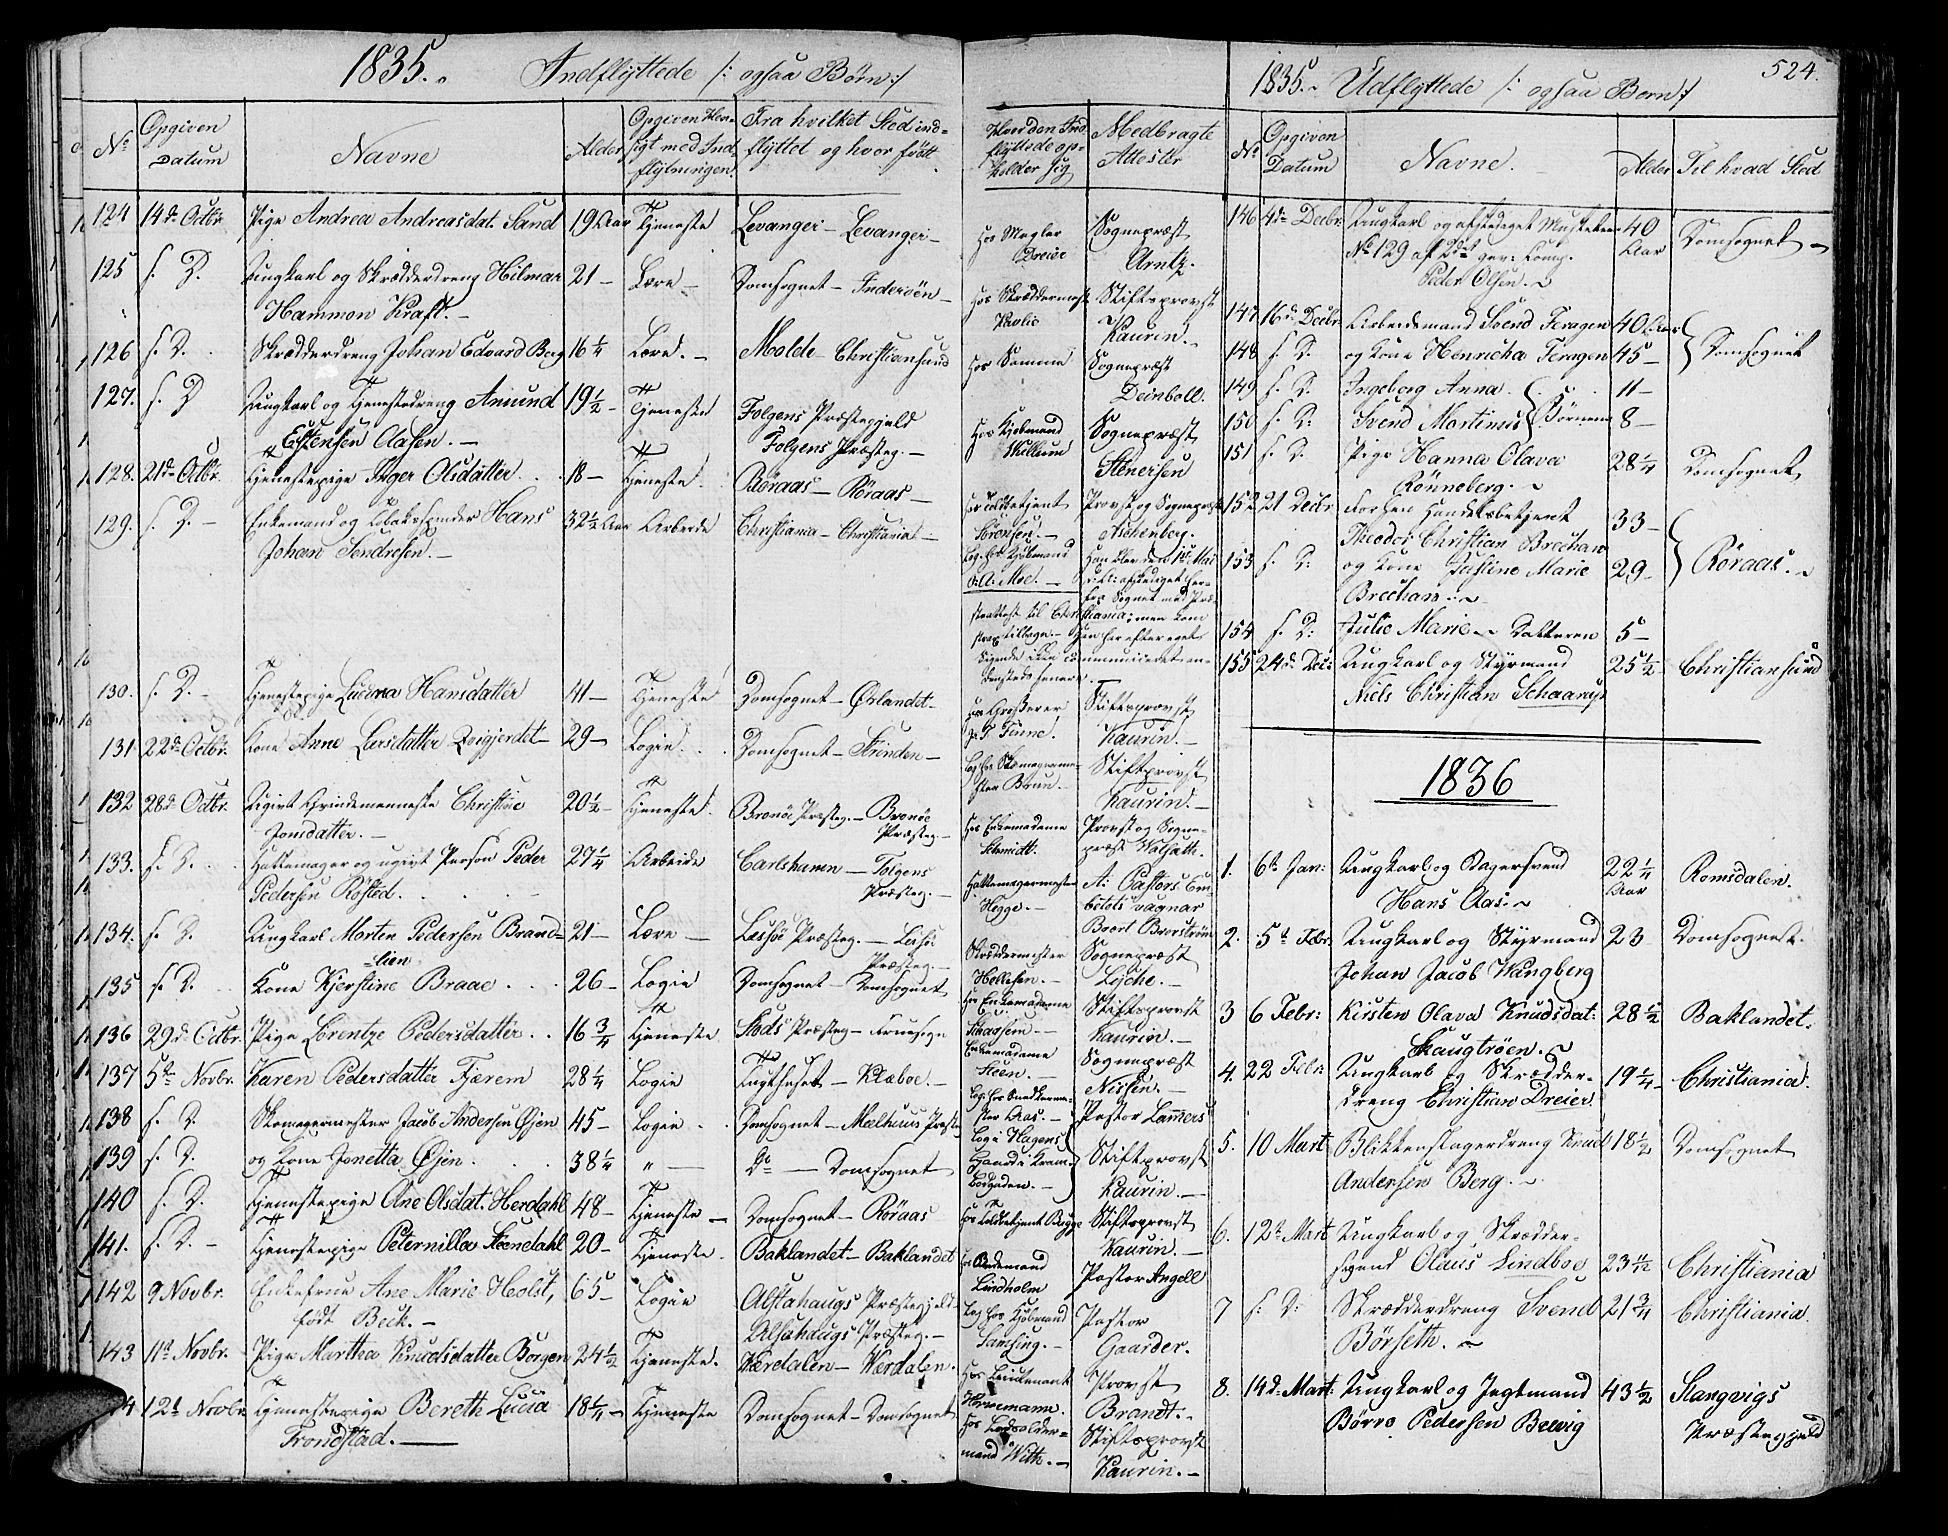 SAT, Ministerialprotokoller, klokkerbøker og fødselsregistre - Sør-Trøndelag, 602/L0109: Ministerialbok nr. 602A07, 1821-1840, s. 524